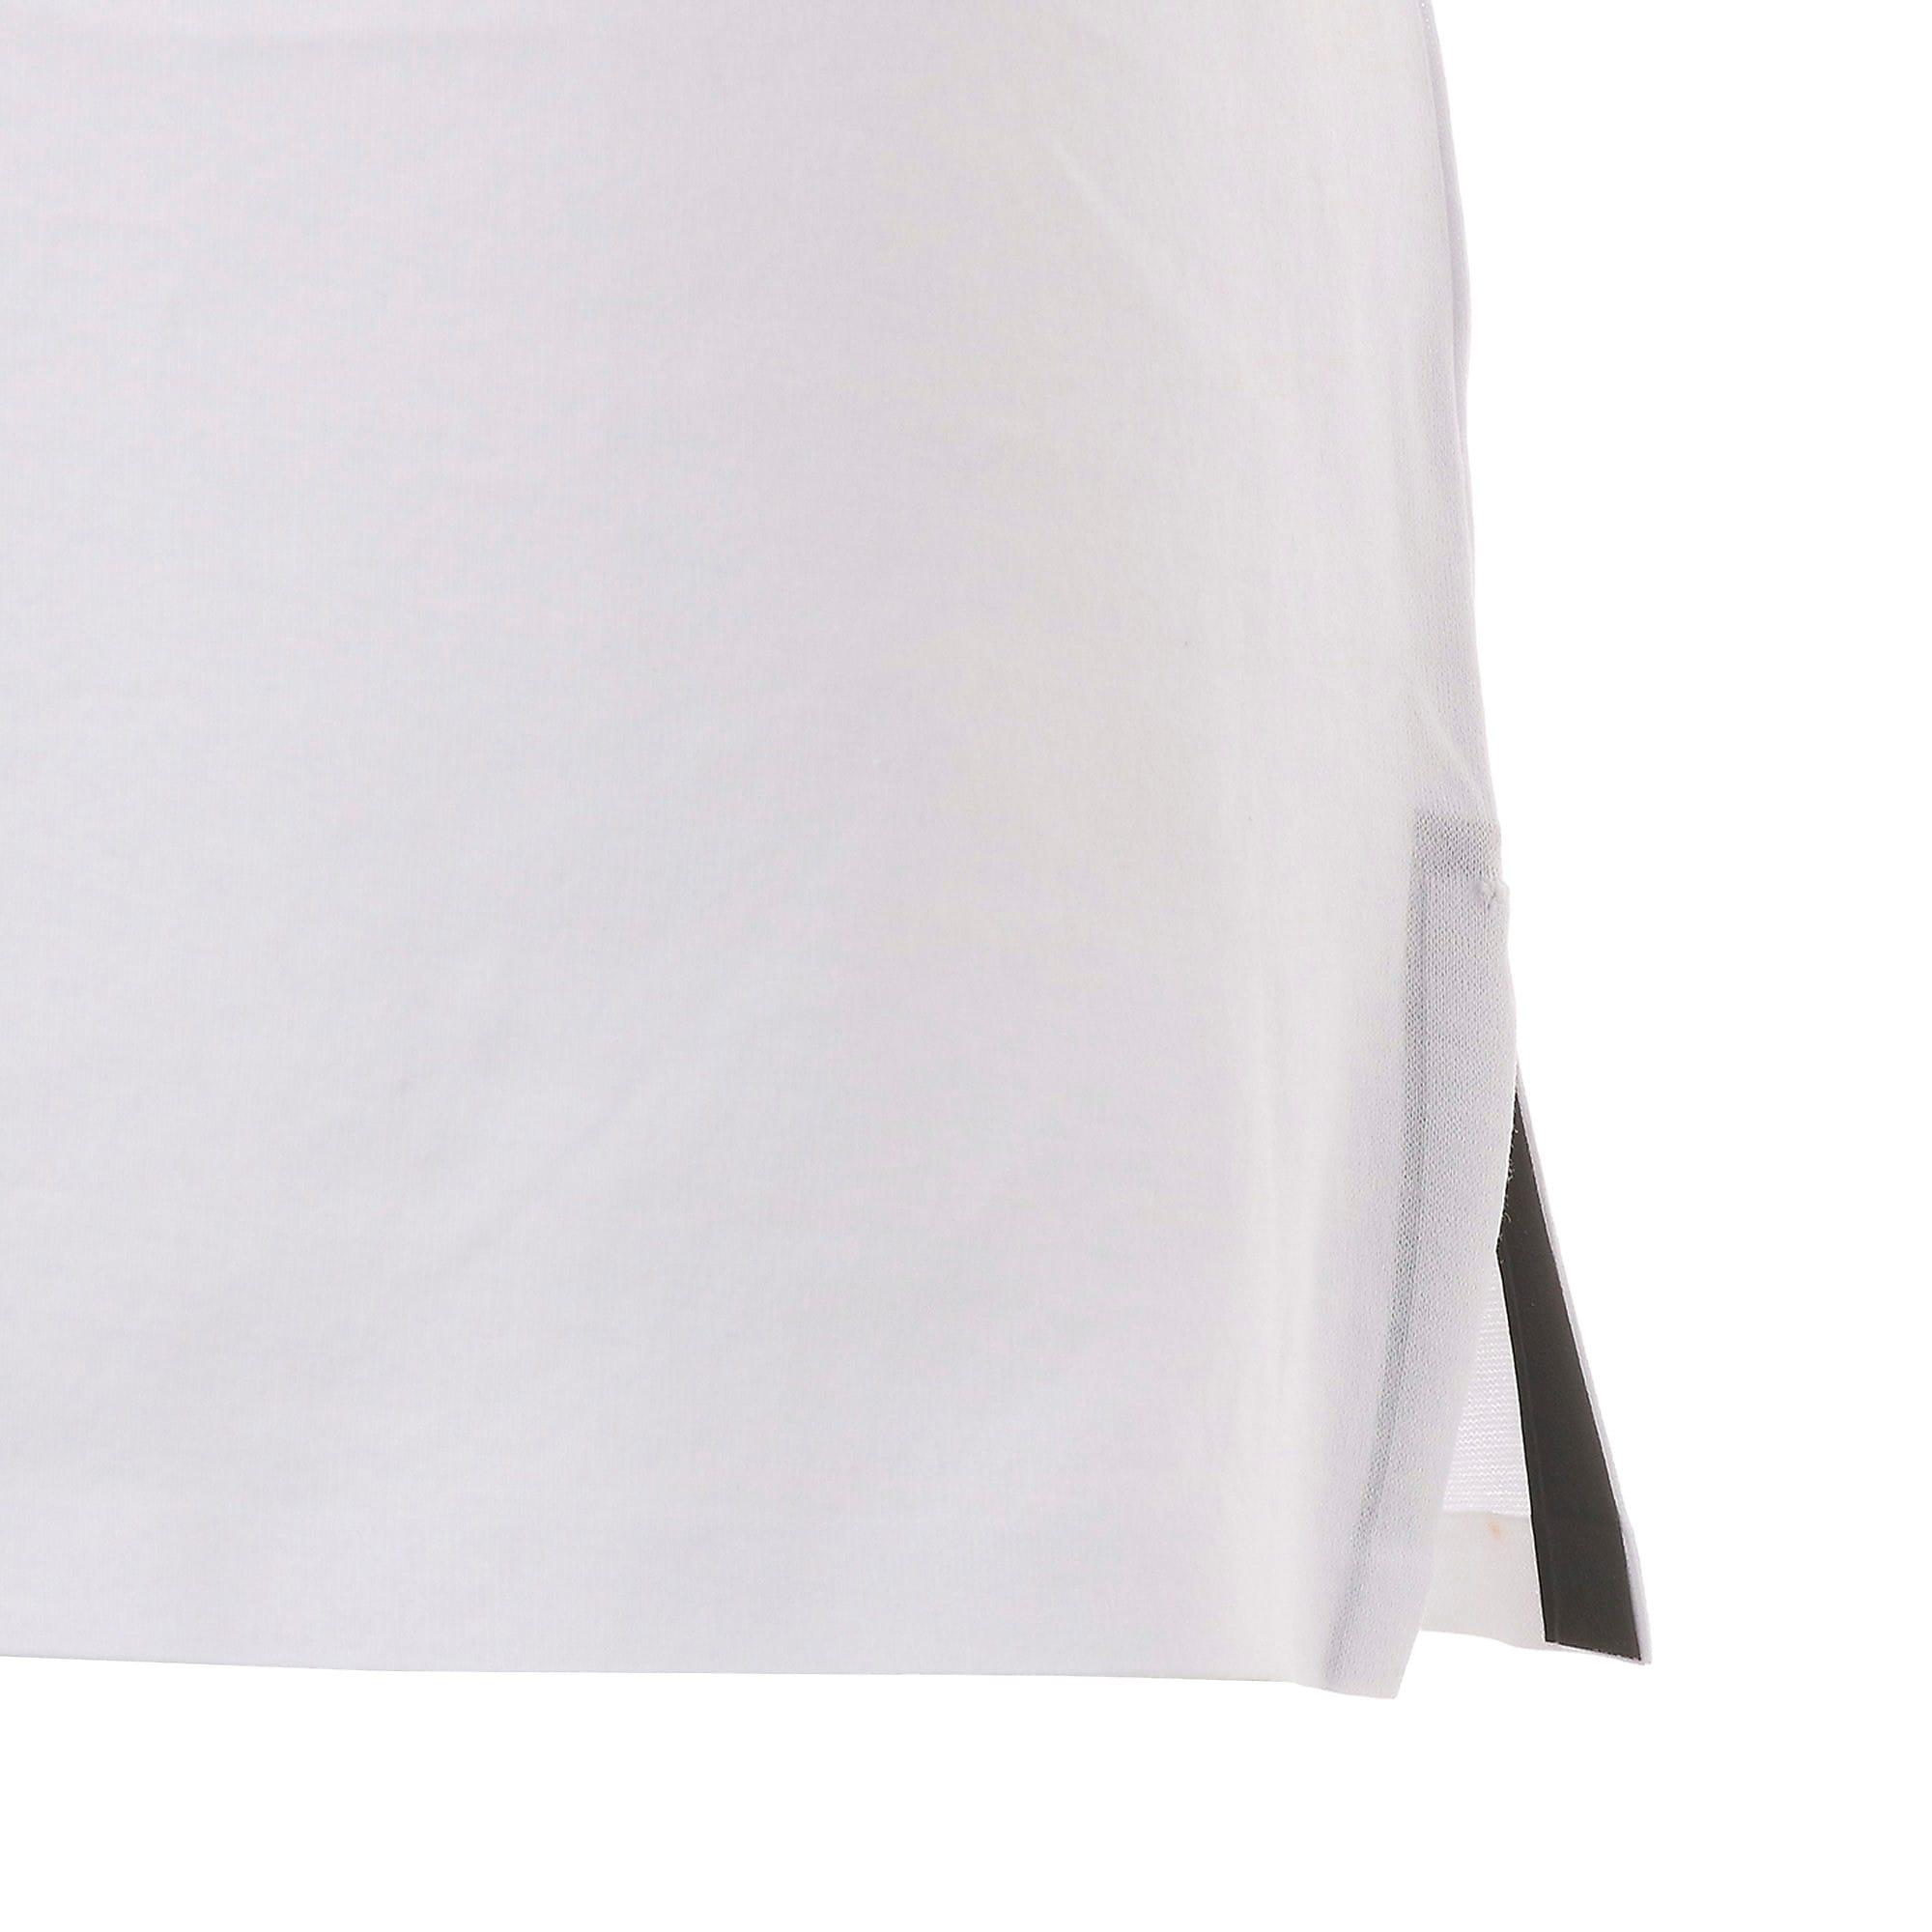 Thumbnail 6 of PORSCHE DESIGN  ライフ Tシャツ, Puma White, medium-JPN